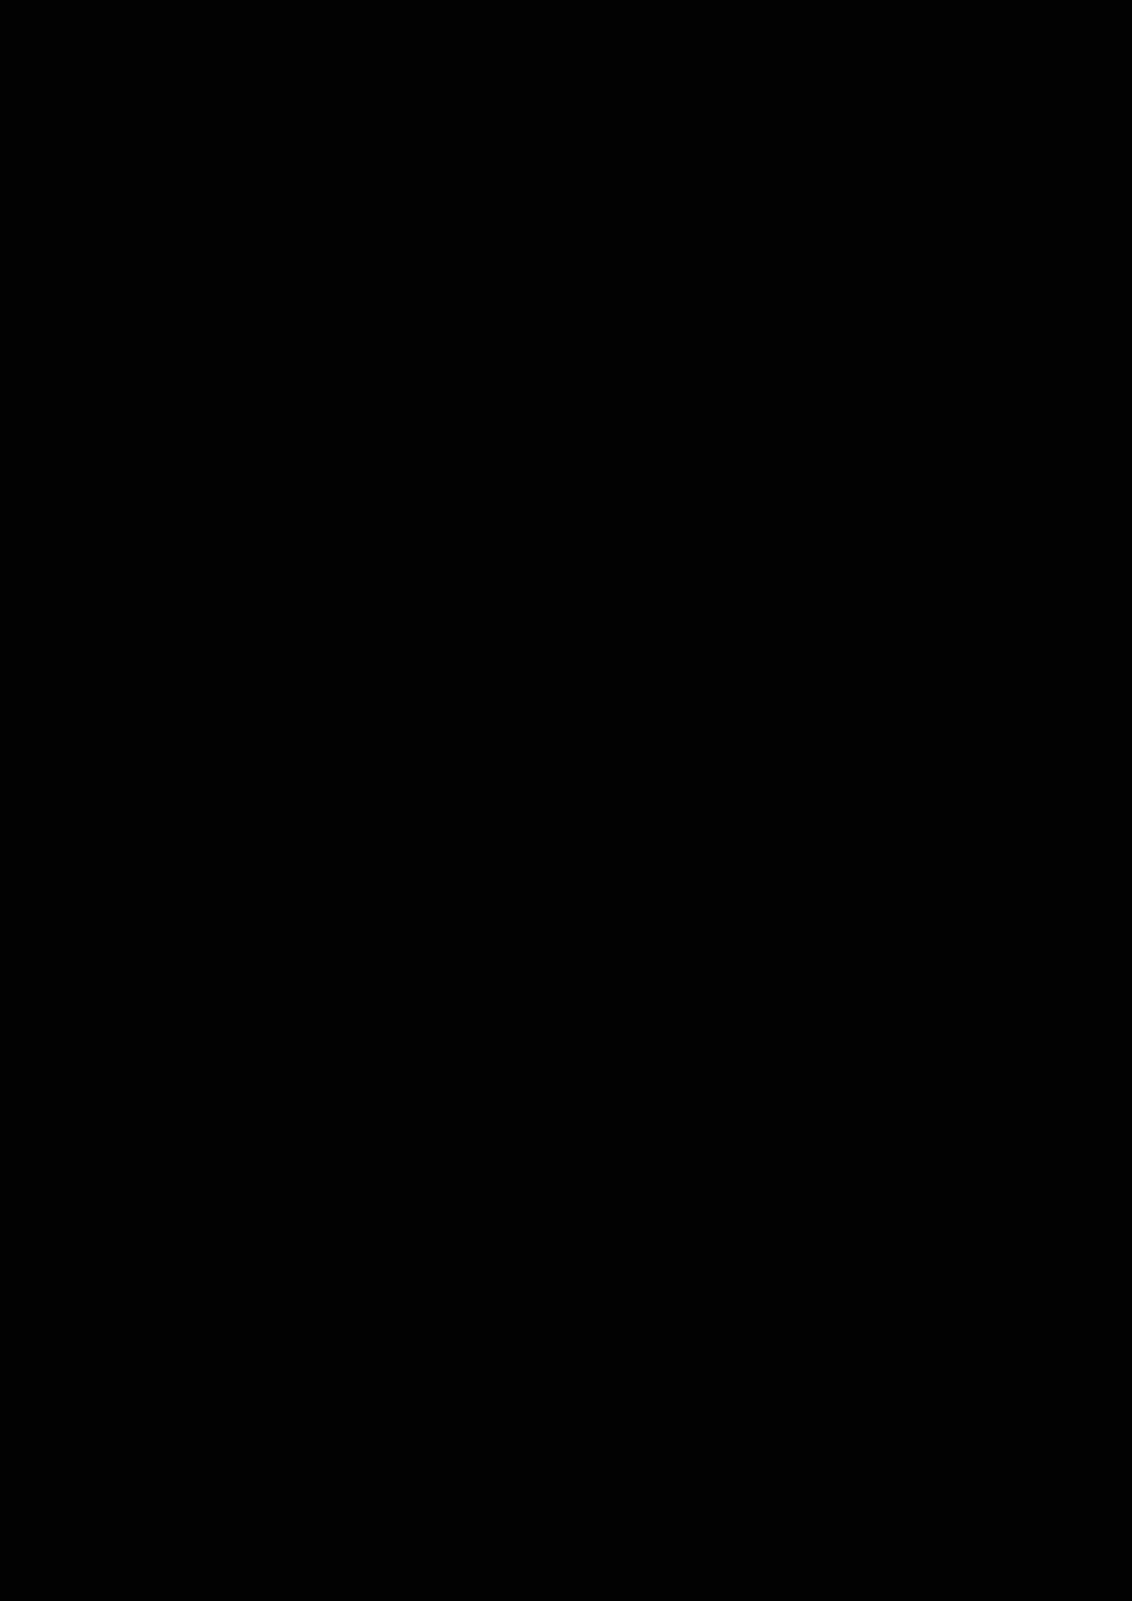 Hools slide, Image 16